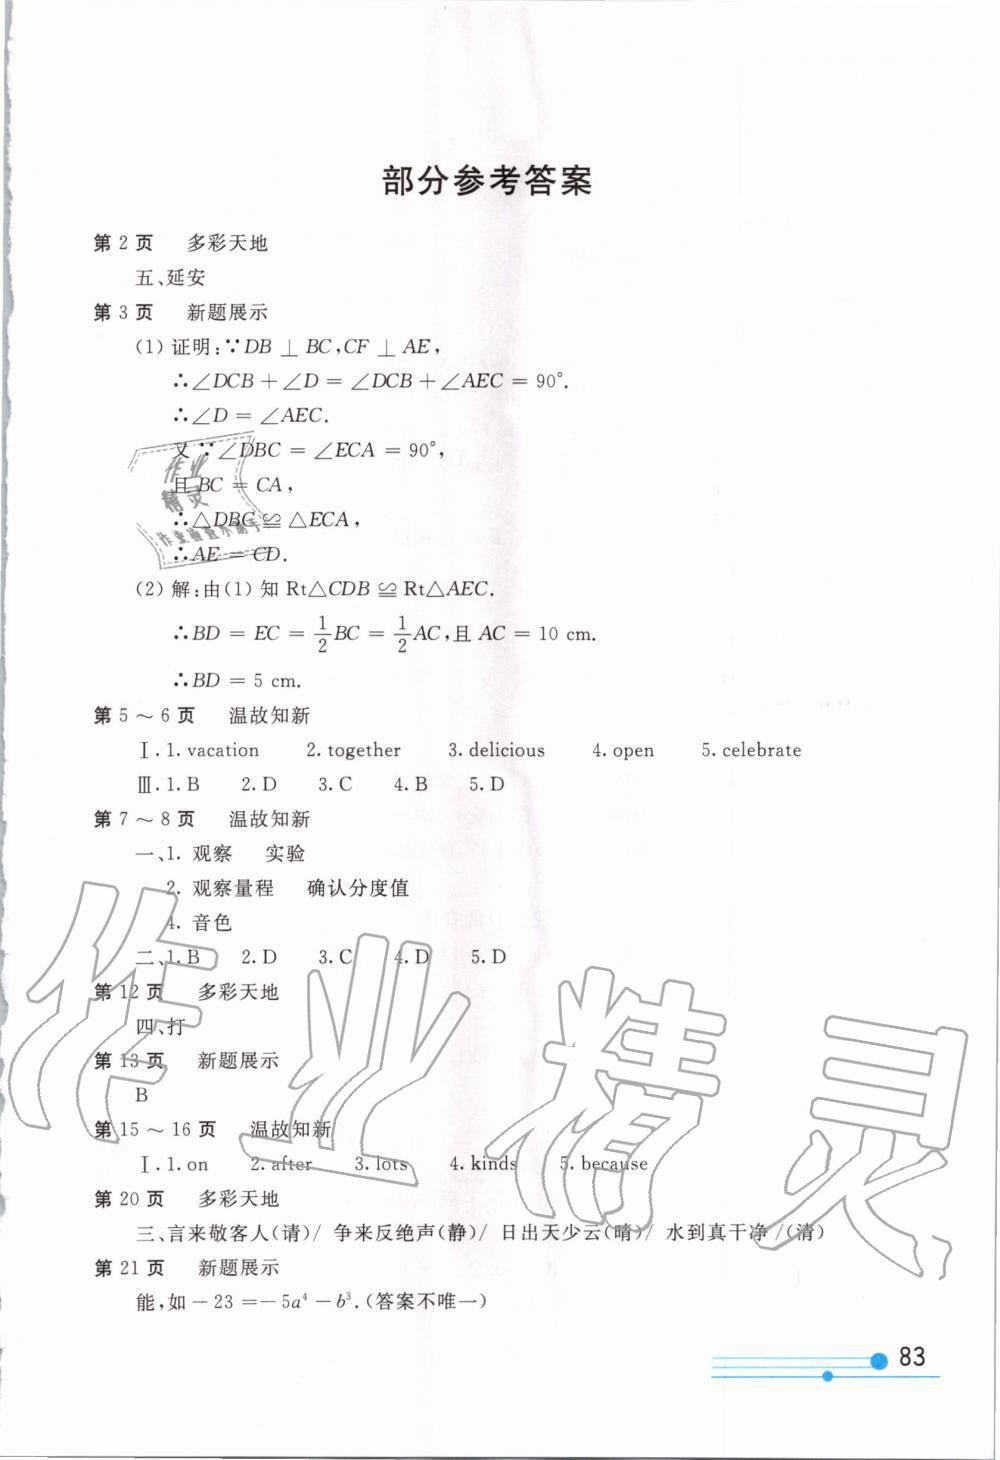 2020年新课堂假期生活寒假用书八年级合编人教版北京教育出版社第1页